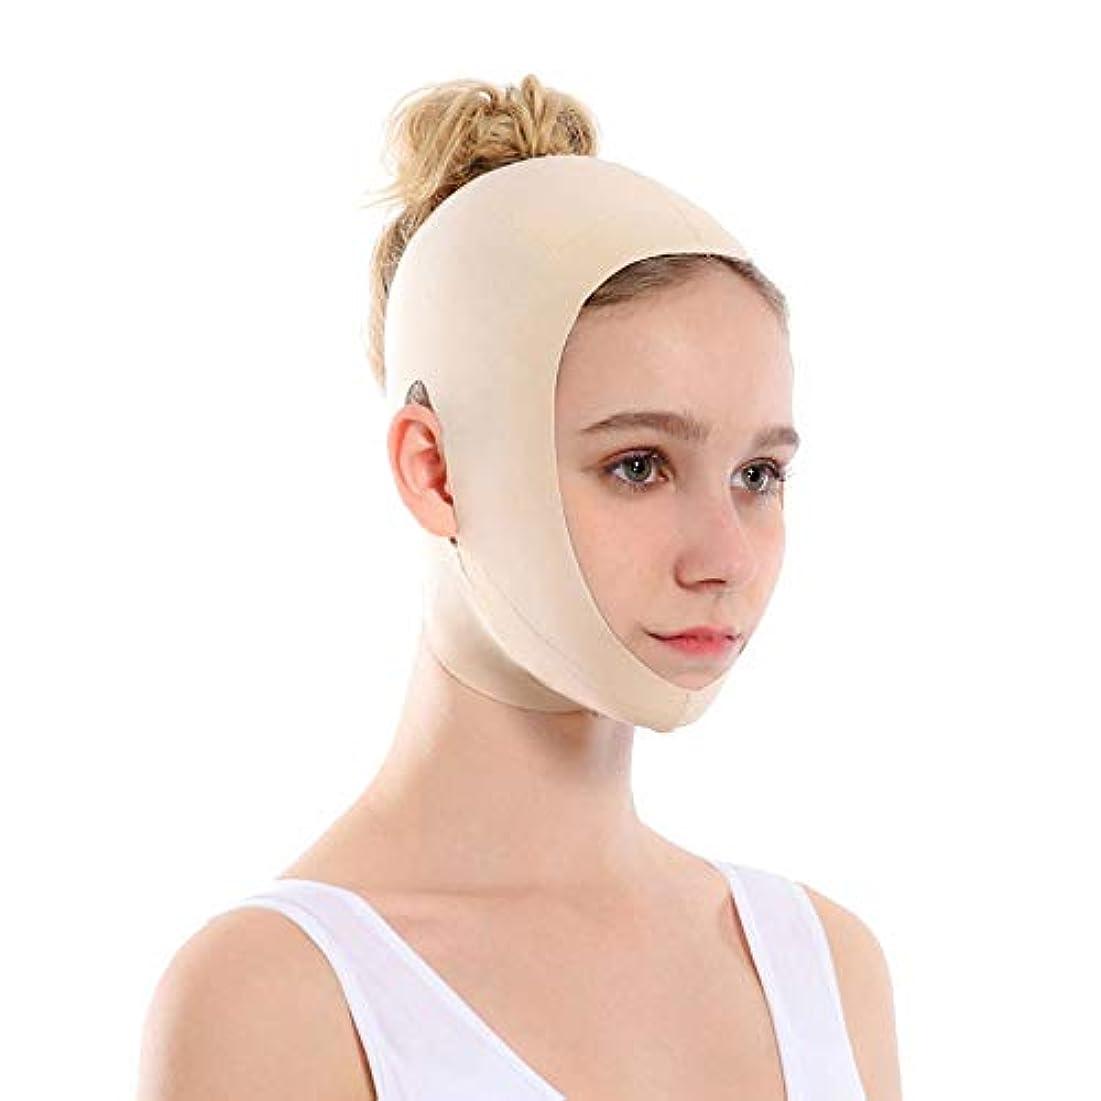 アジア必要とする達成可能Jia Jia- 顔を持ち上げるアーティファクトVフェイス包帯リフティング引き締め睡眠薄い顔を整形持ち上げる顔を二重あご矯正 - 肌の色 顔面包帯